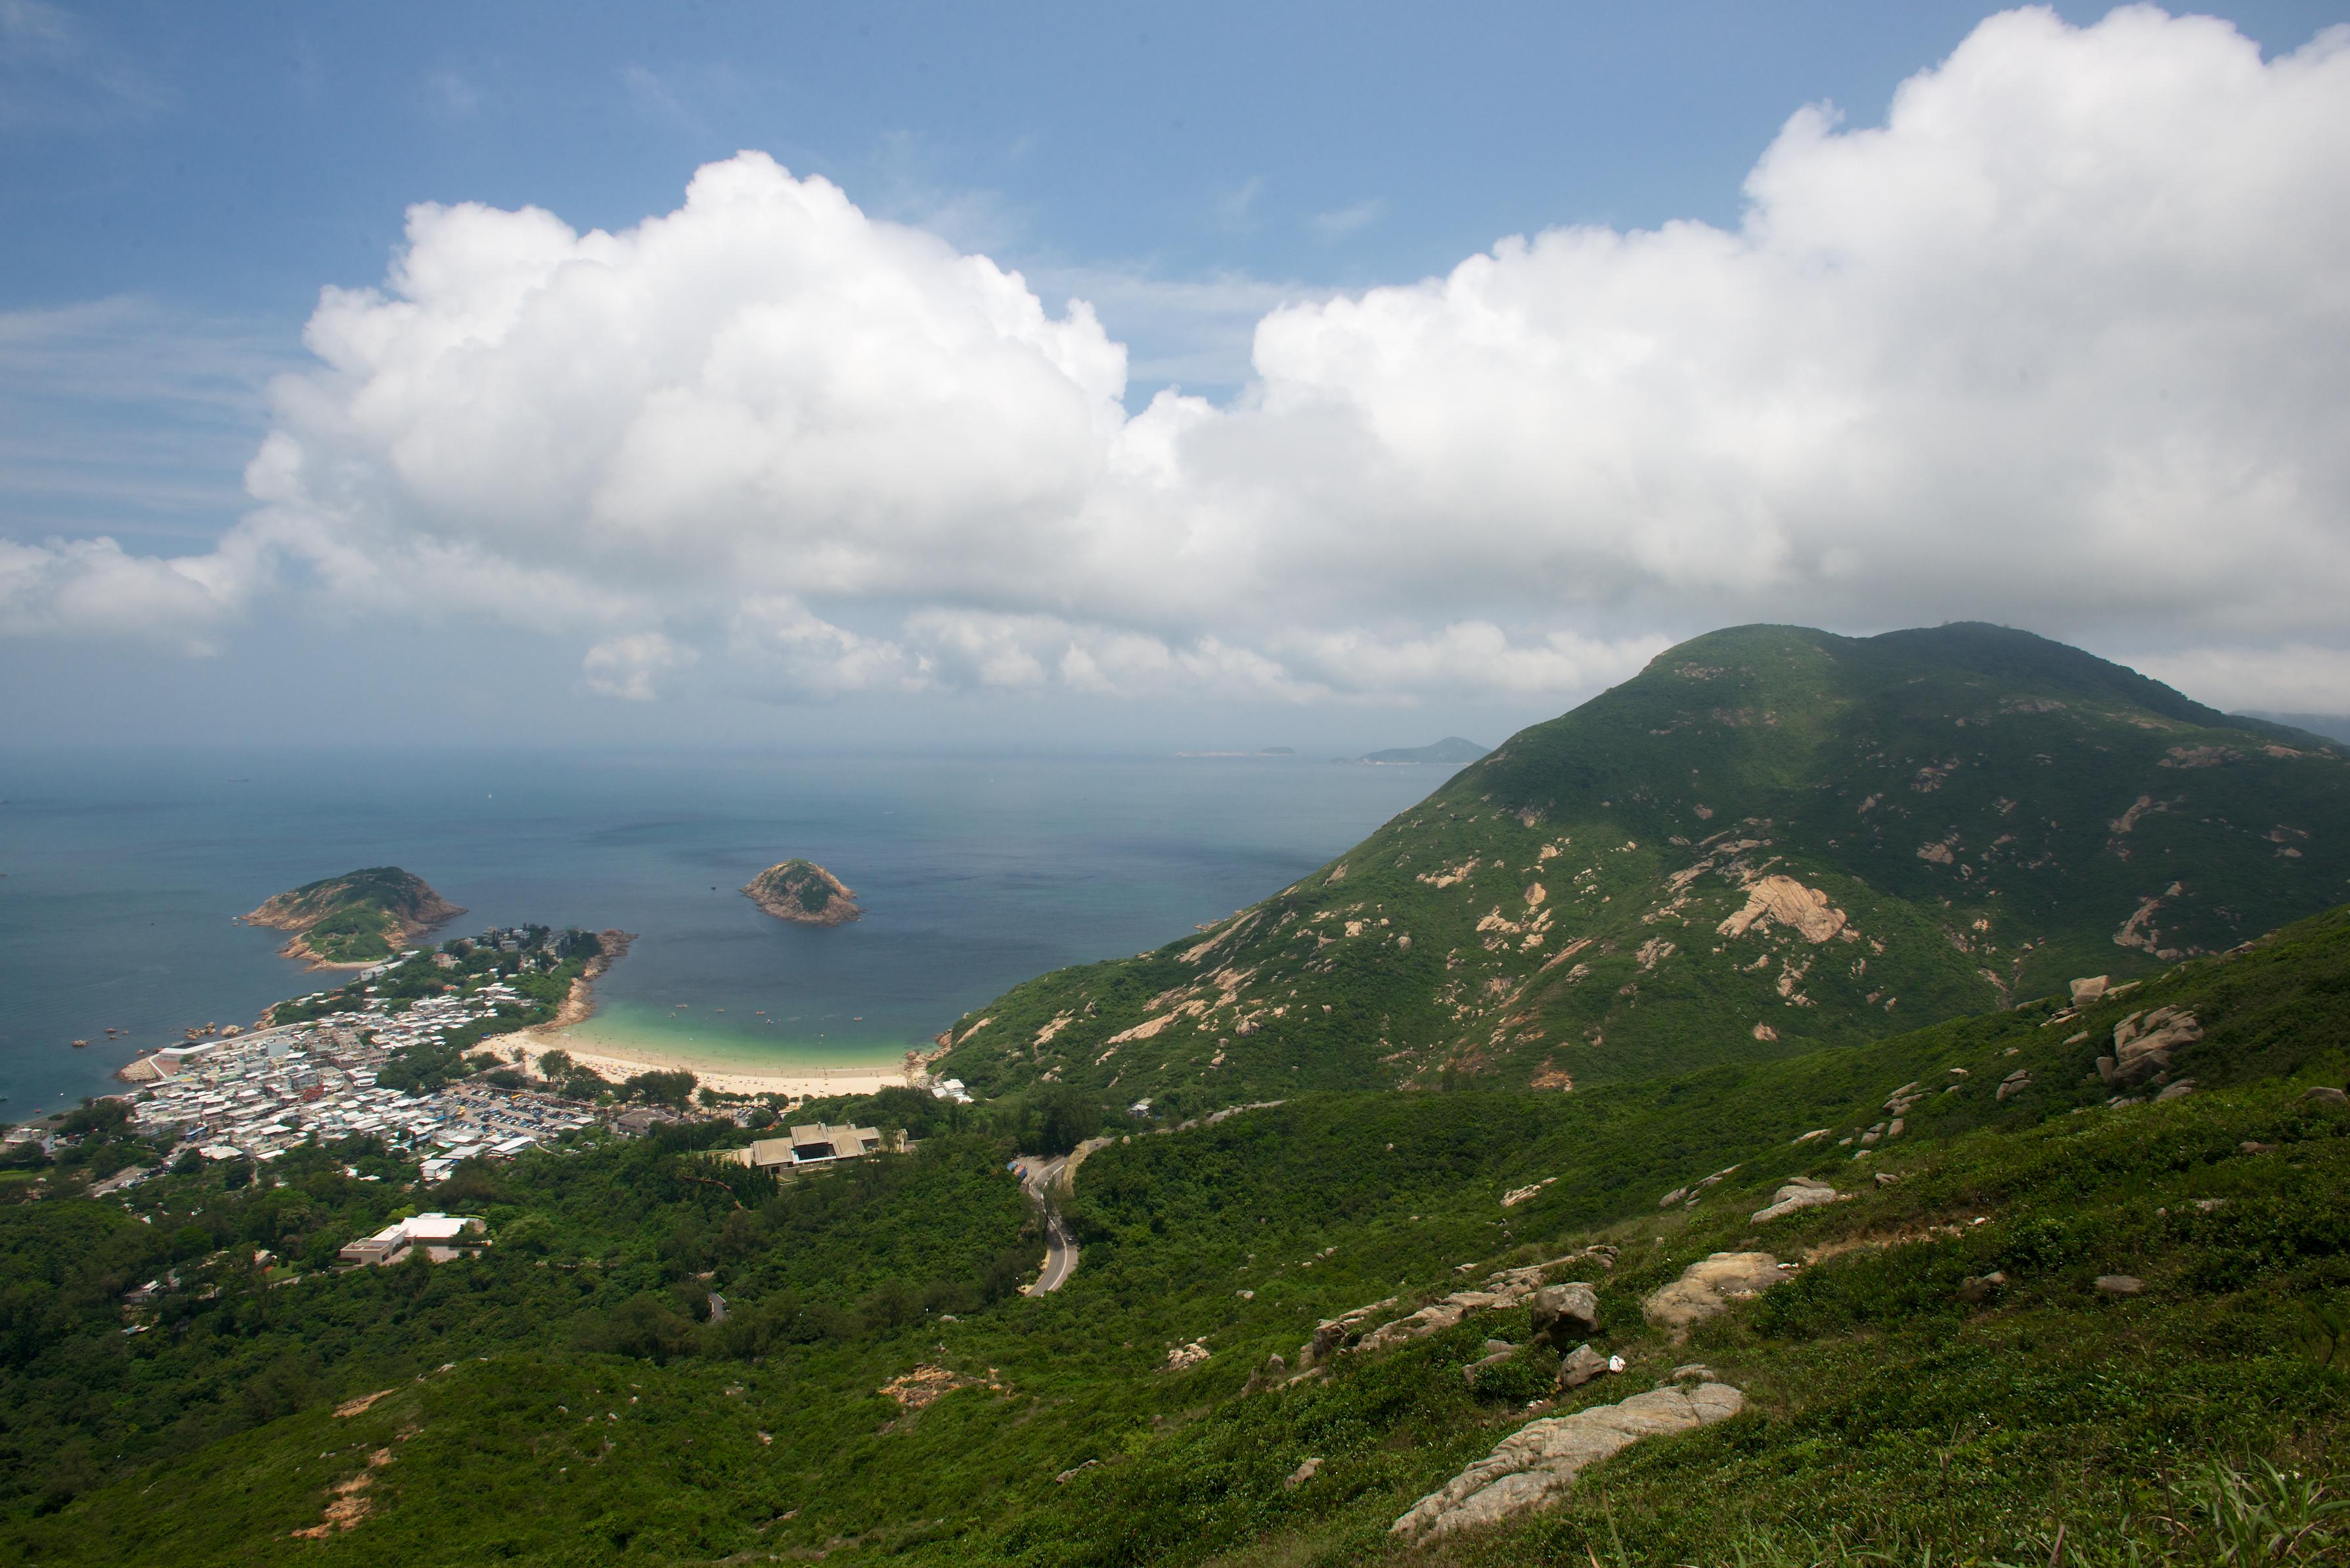 #GreatNature: The Jungle of Hong Kong—Explorers Wanted